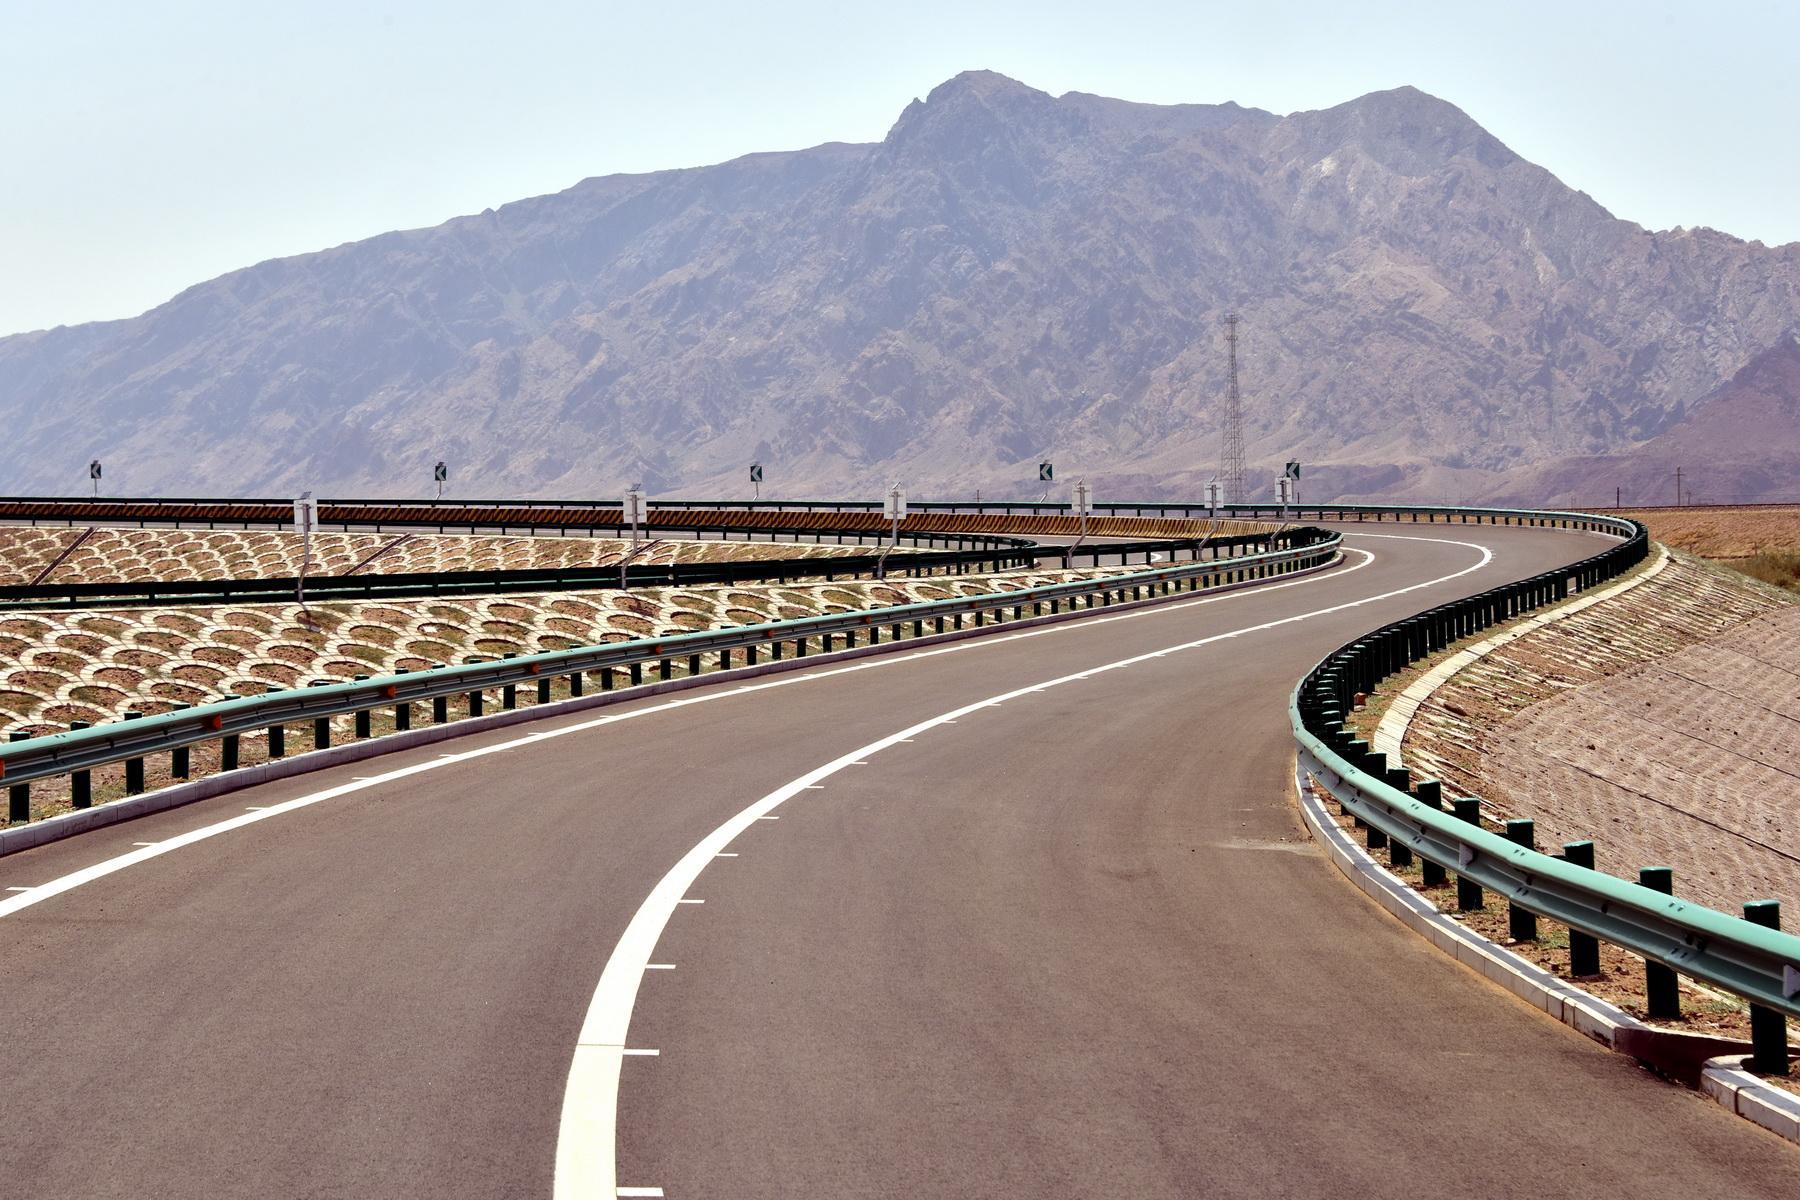 高速公路里程居世界第一 骨架网络正加快贯通